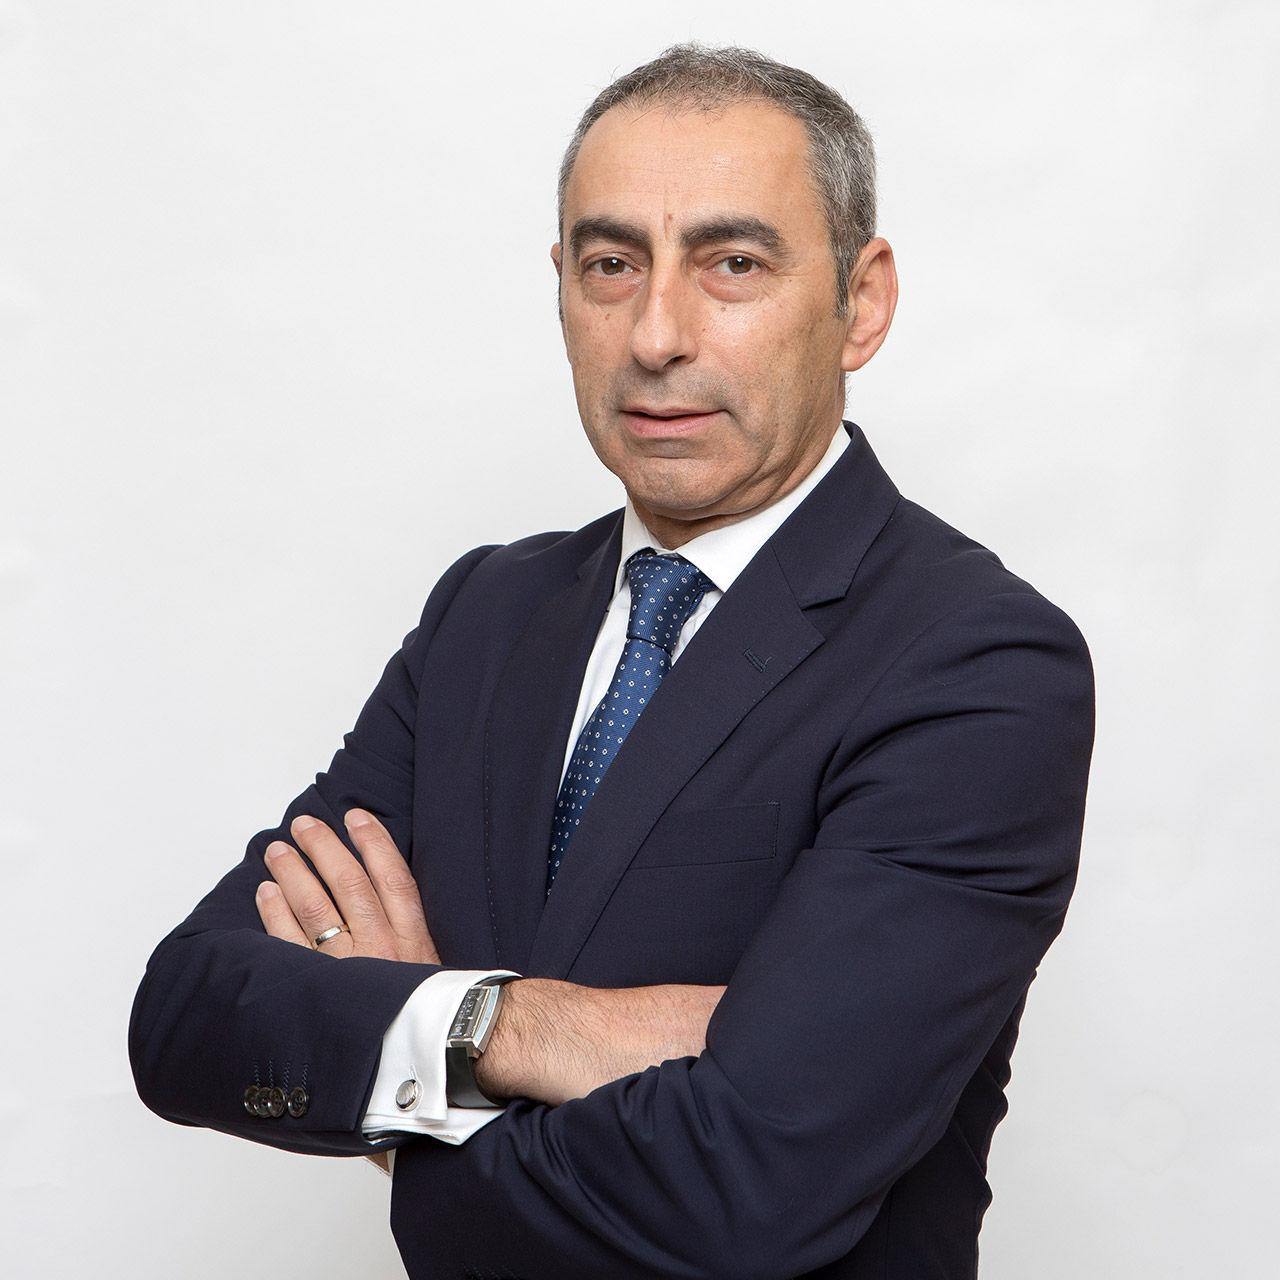 António Nunes de Sousa